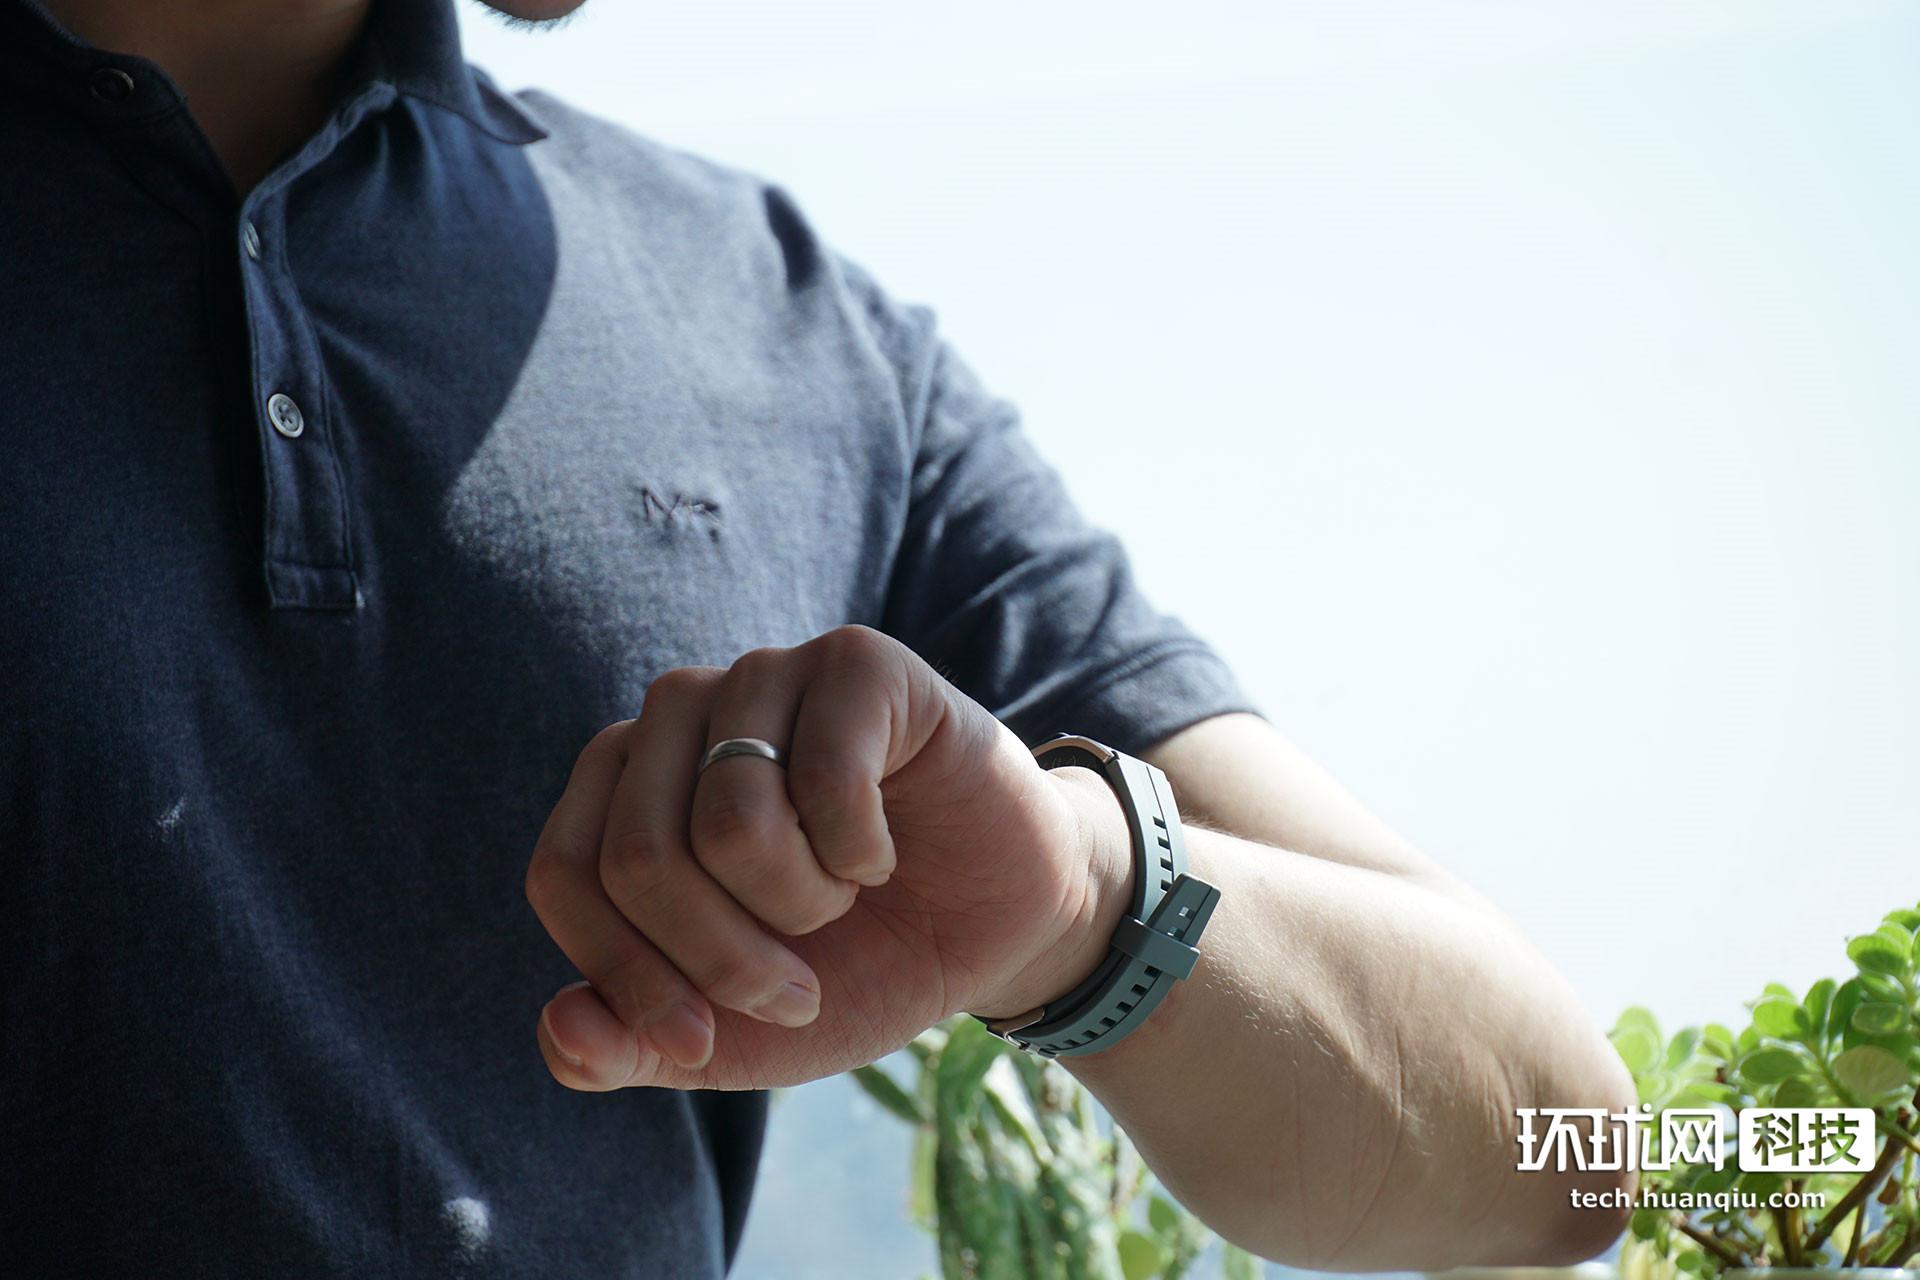 华为手环B5铅石青色体验:夏日气息难掩商务气质